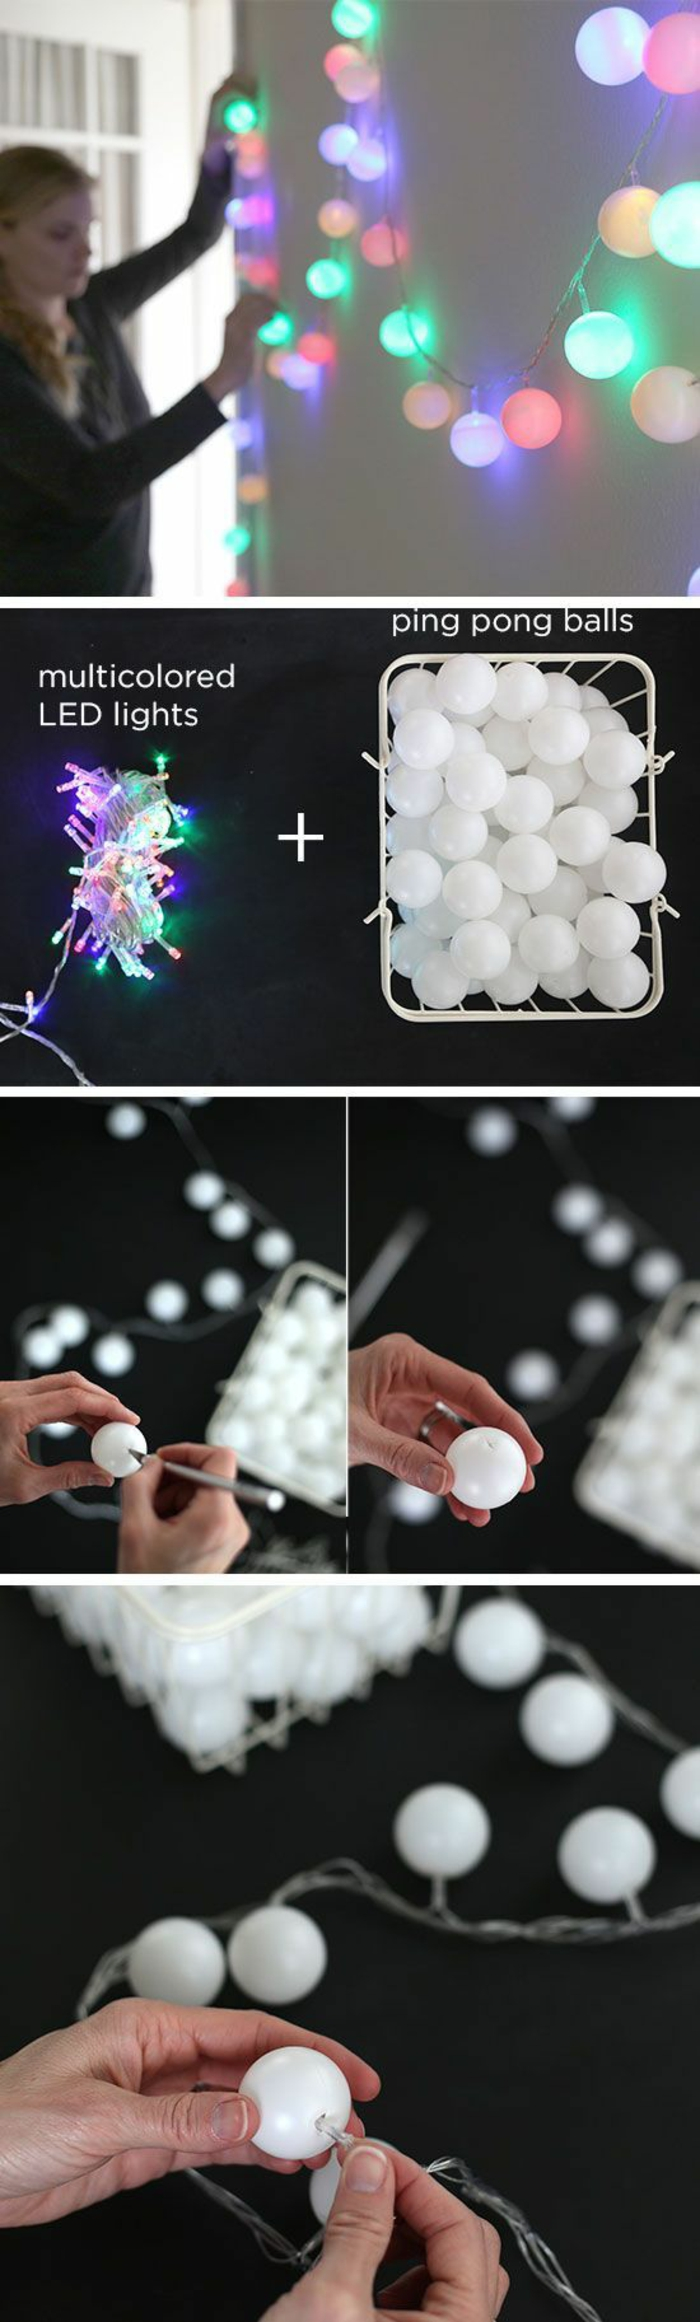 una ghirlanda luminosa realizzata utilizzando delle palline da ping pong